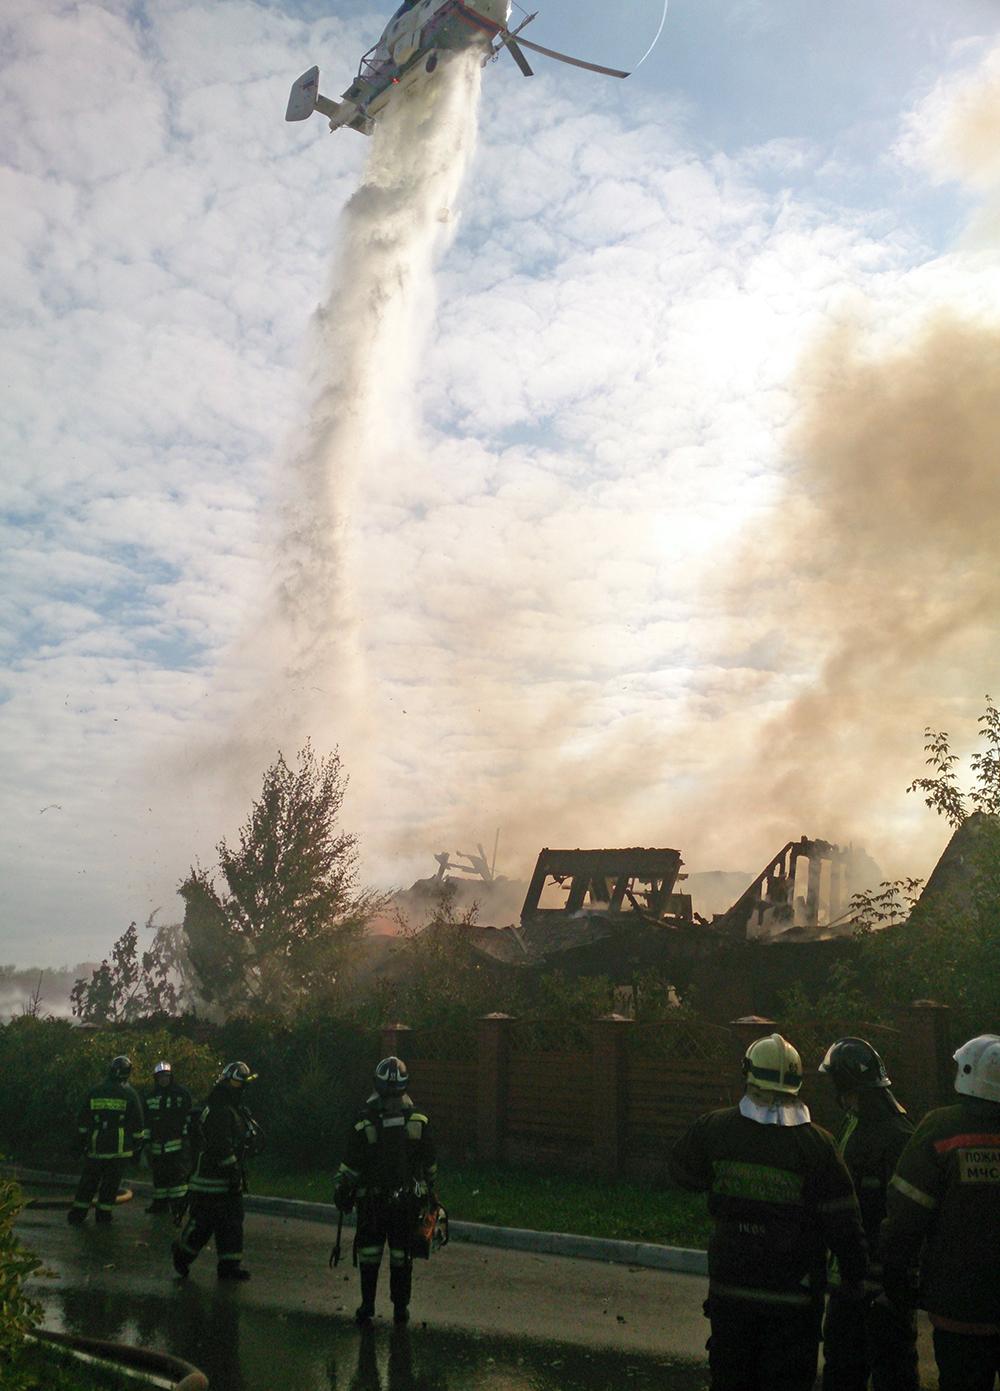 Тушение пожара в частном доме в пригороде города Химки